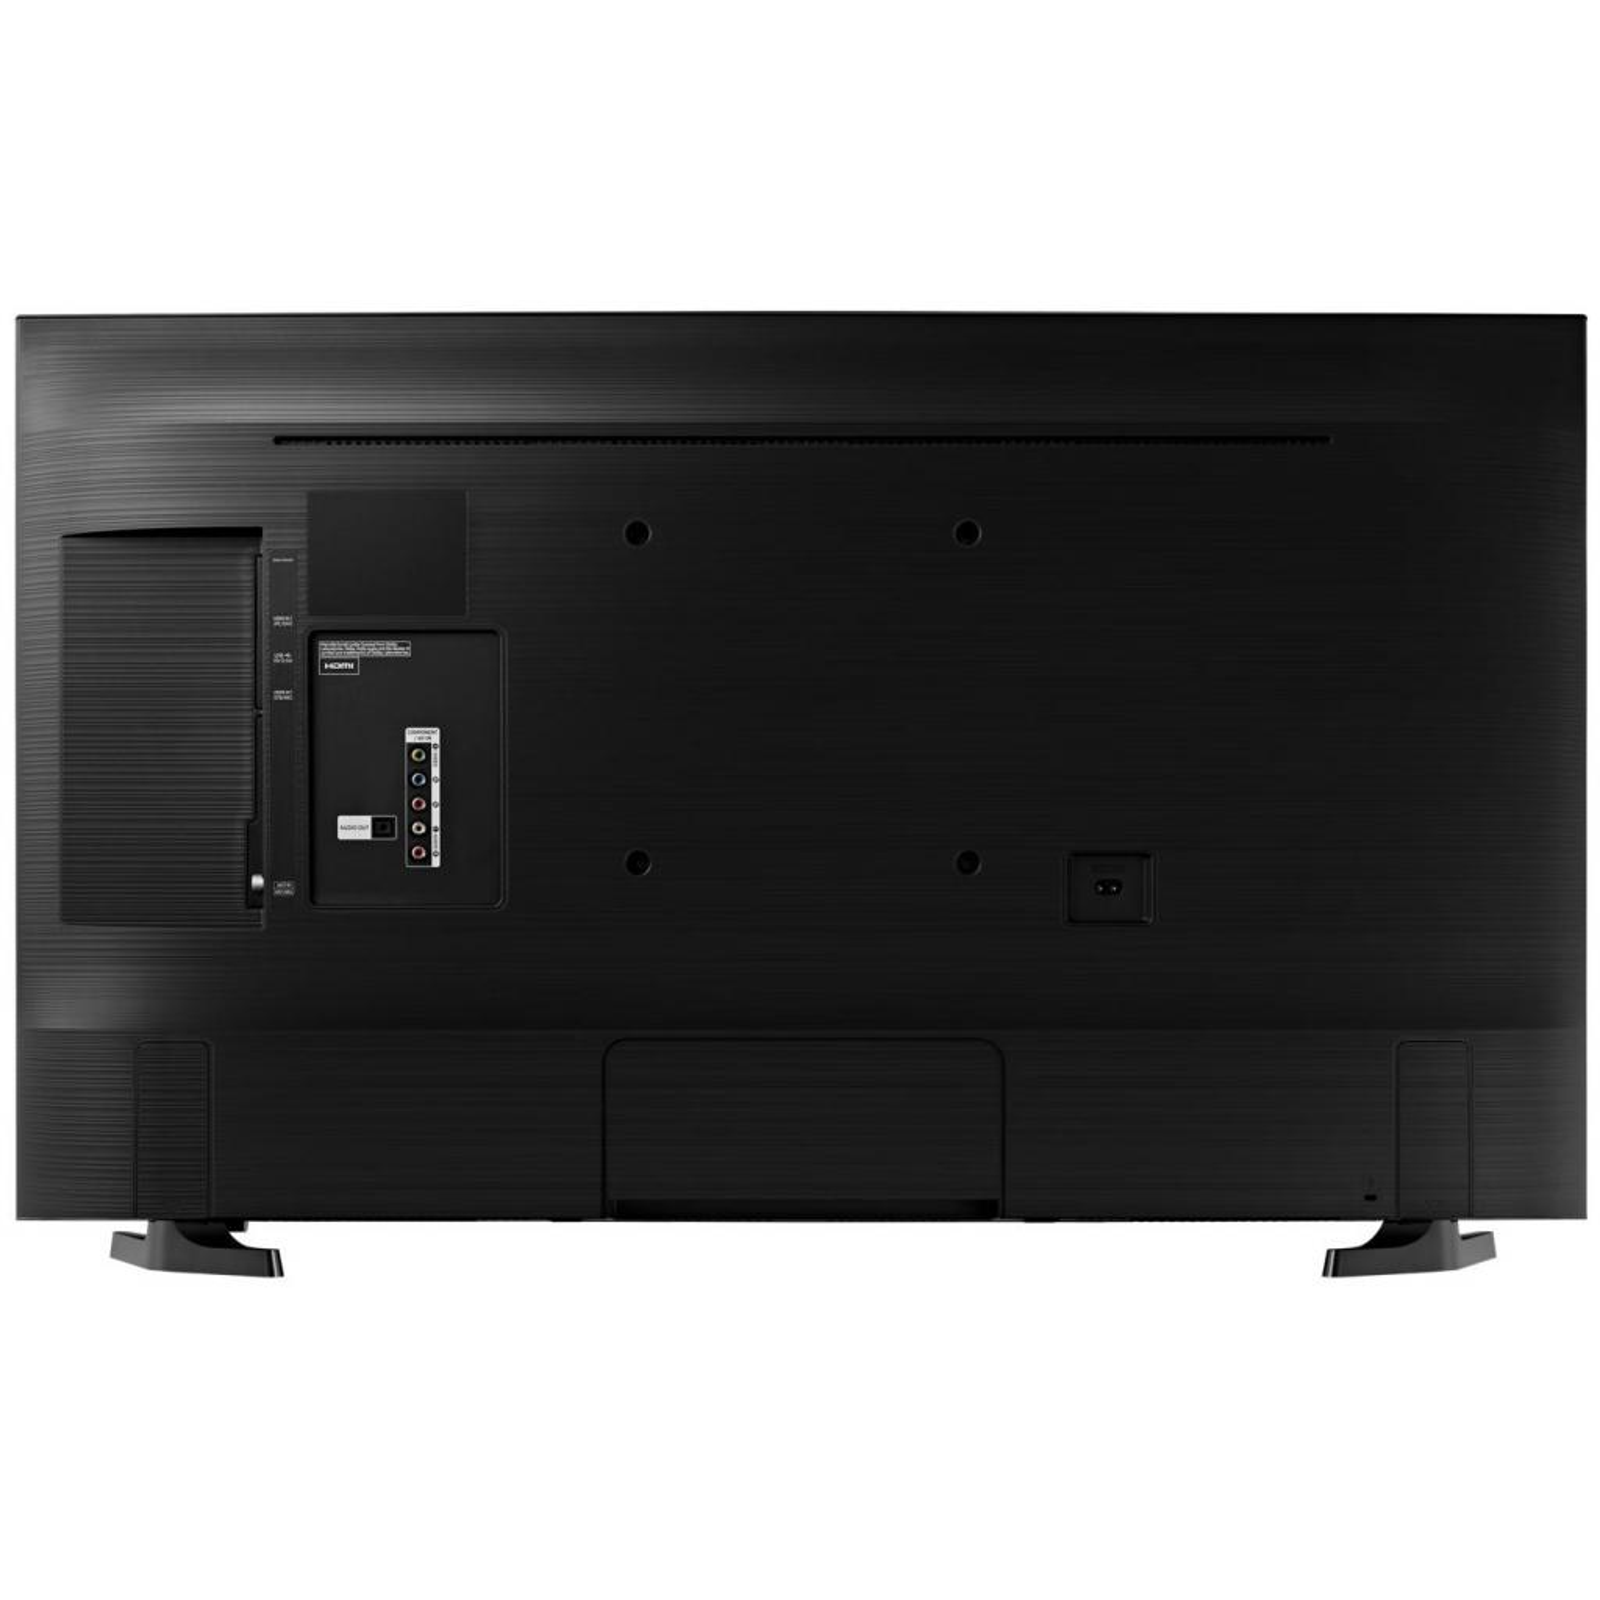 Телевизор Samsung UE32N4000AUXUA изображение 5